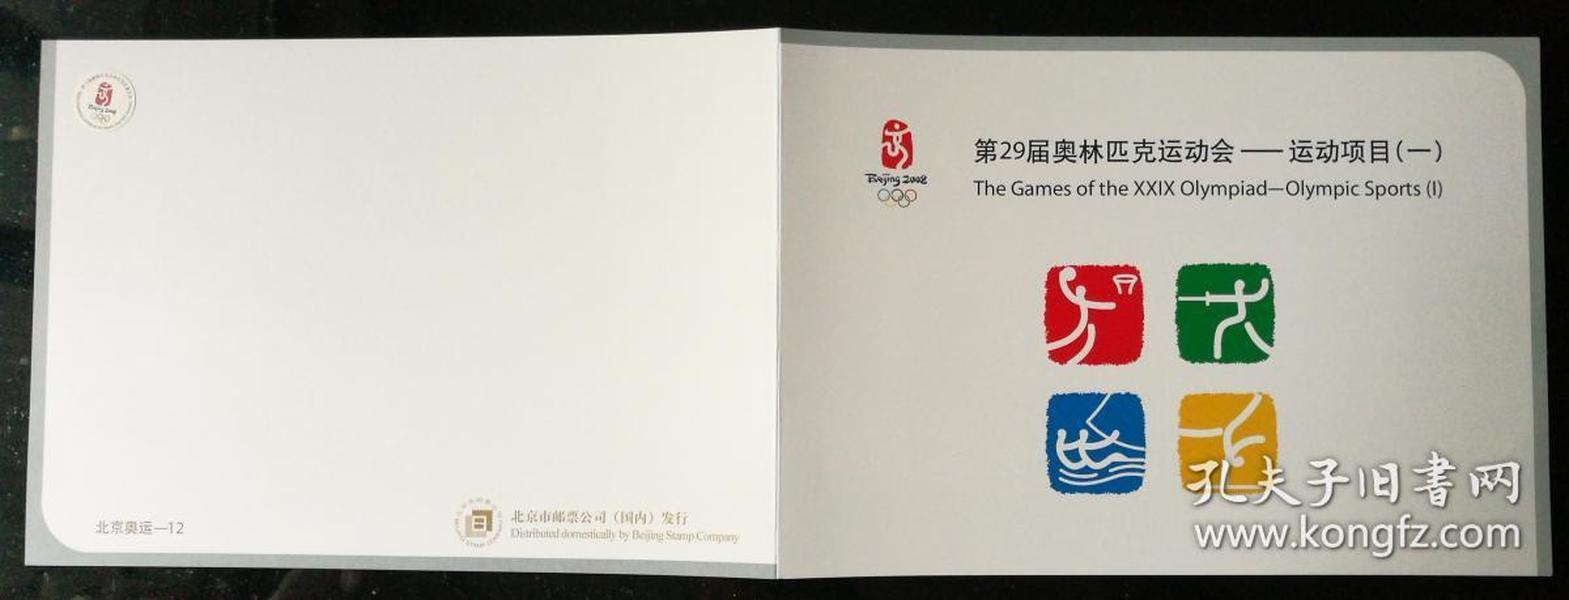 """邮折:2006年""""第29届奥林匹克运动会-运动项目(一)""""qy88.vip千亿国际官网,北京市qy88.vip千亿国际官网公司(含qy88.vip千亿国际官网1套)"""